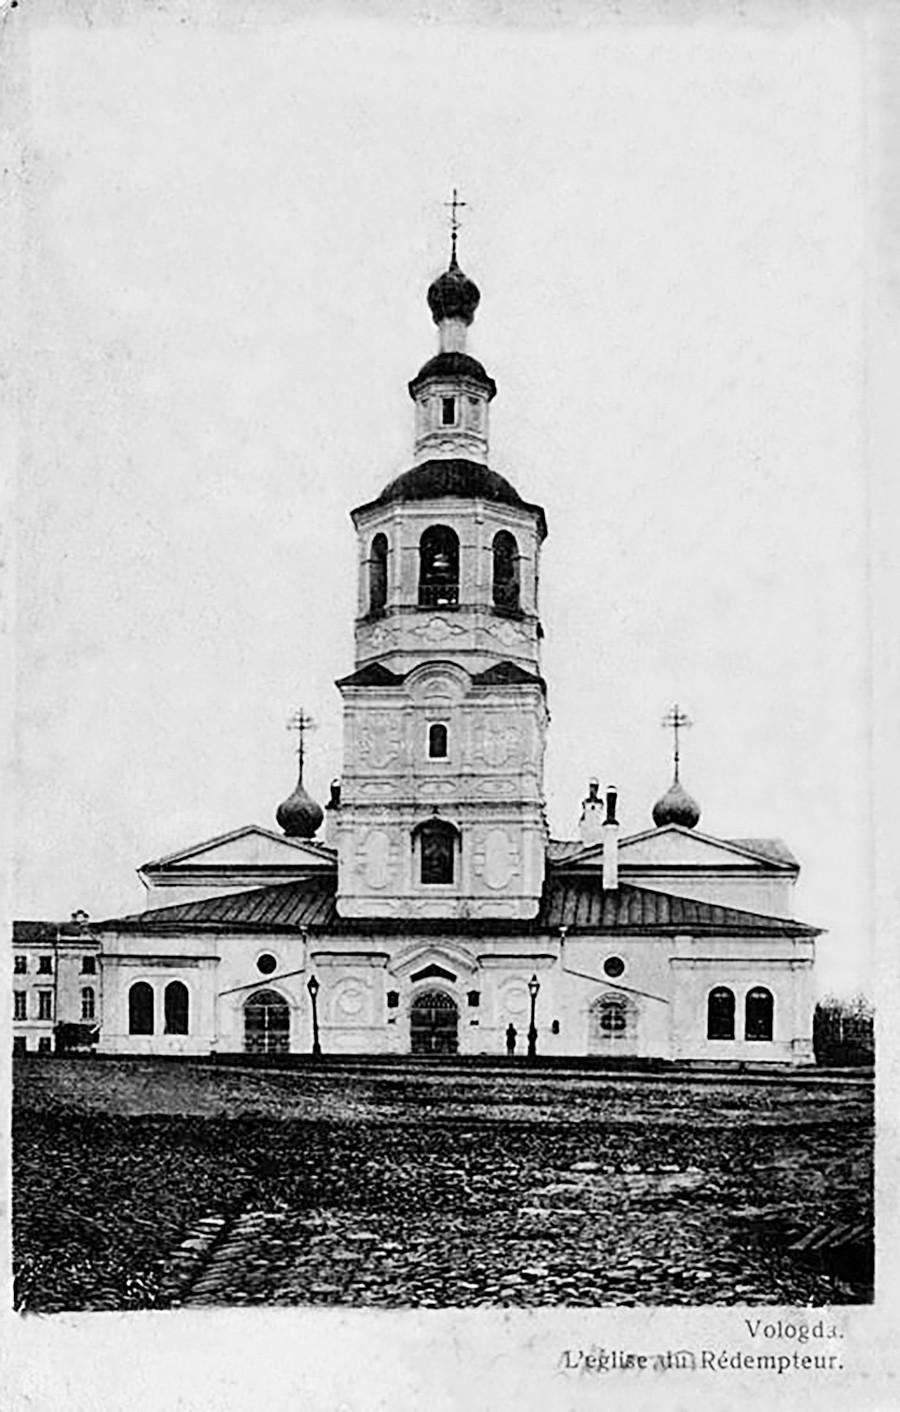 La chiesa in pietra del Nostro Salvatore di Vologda, distrutta nel 1972